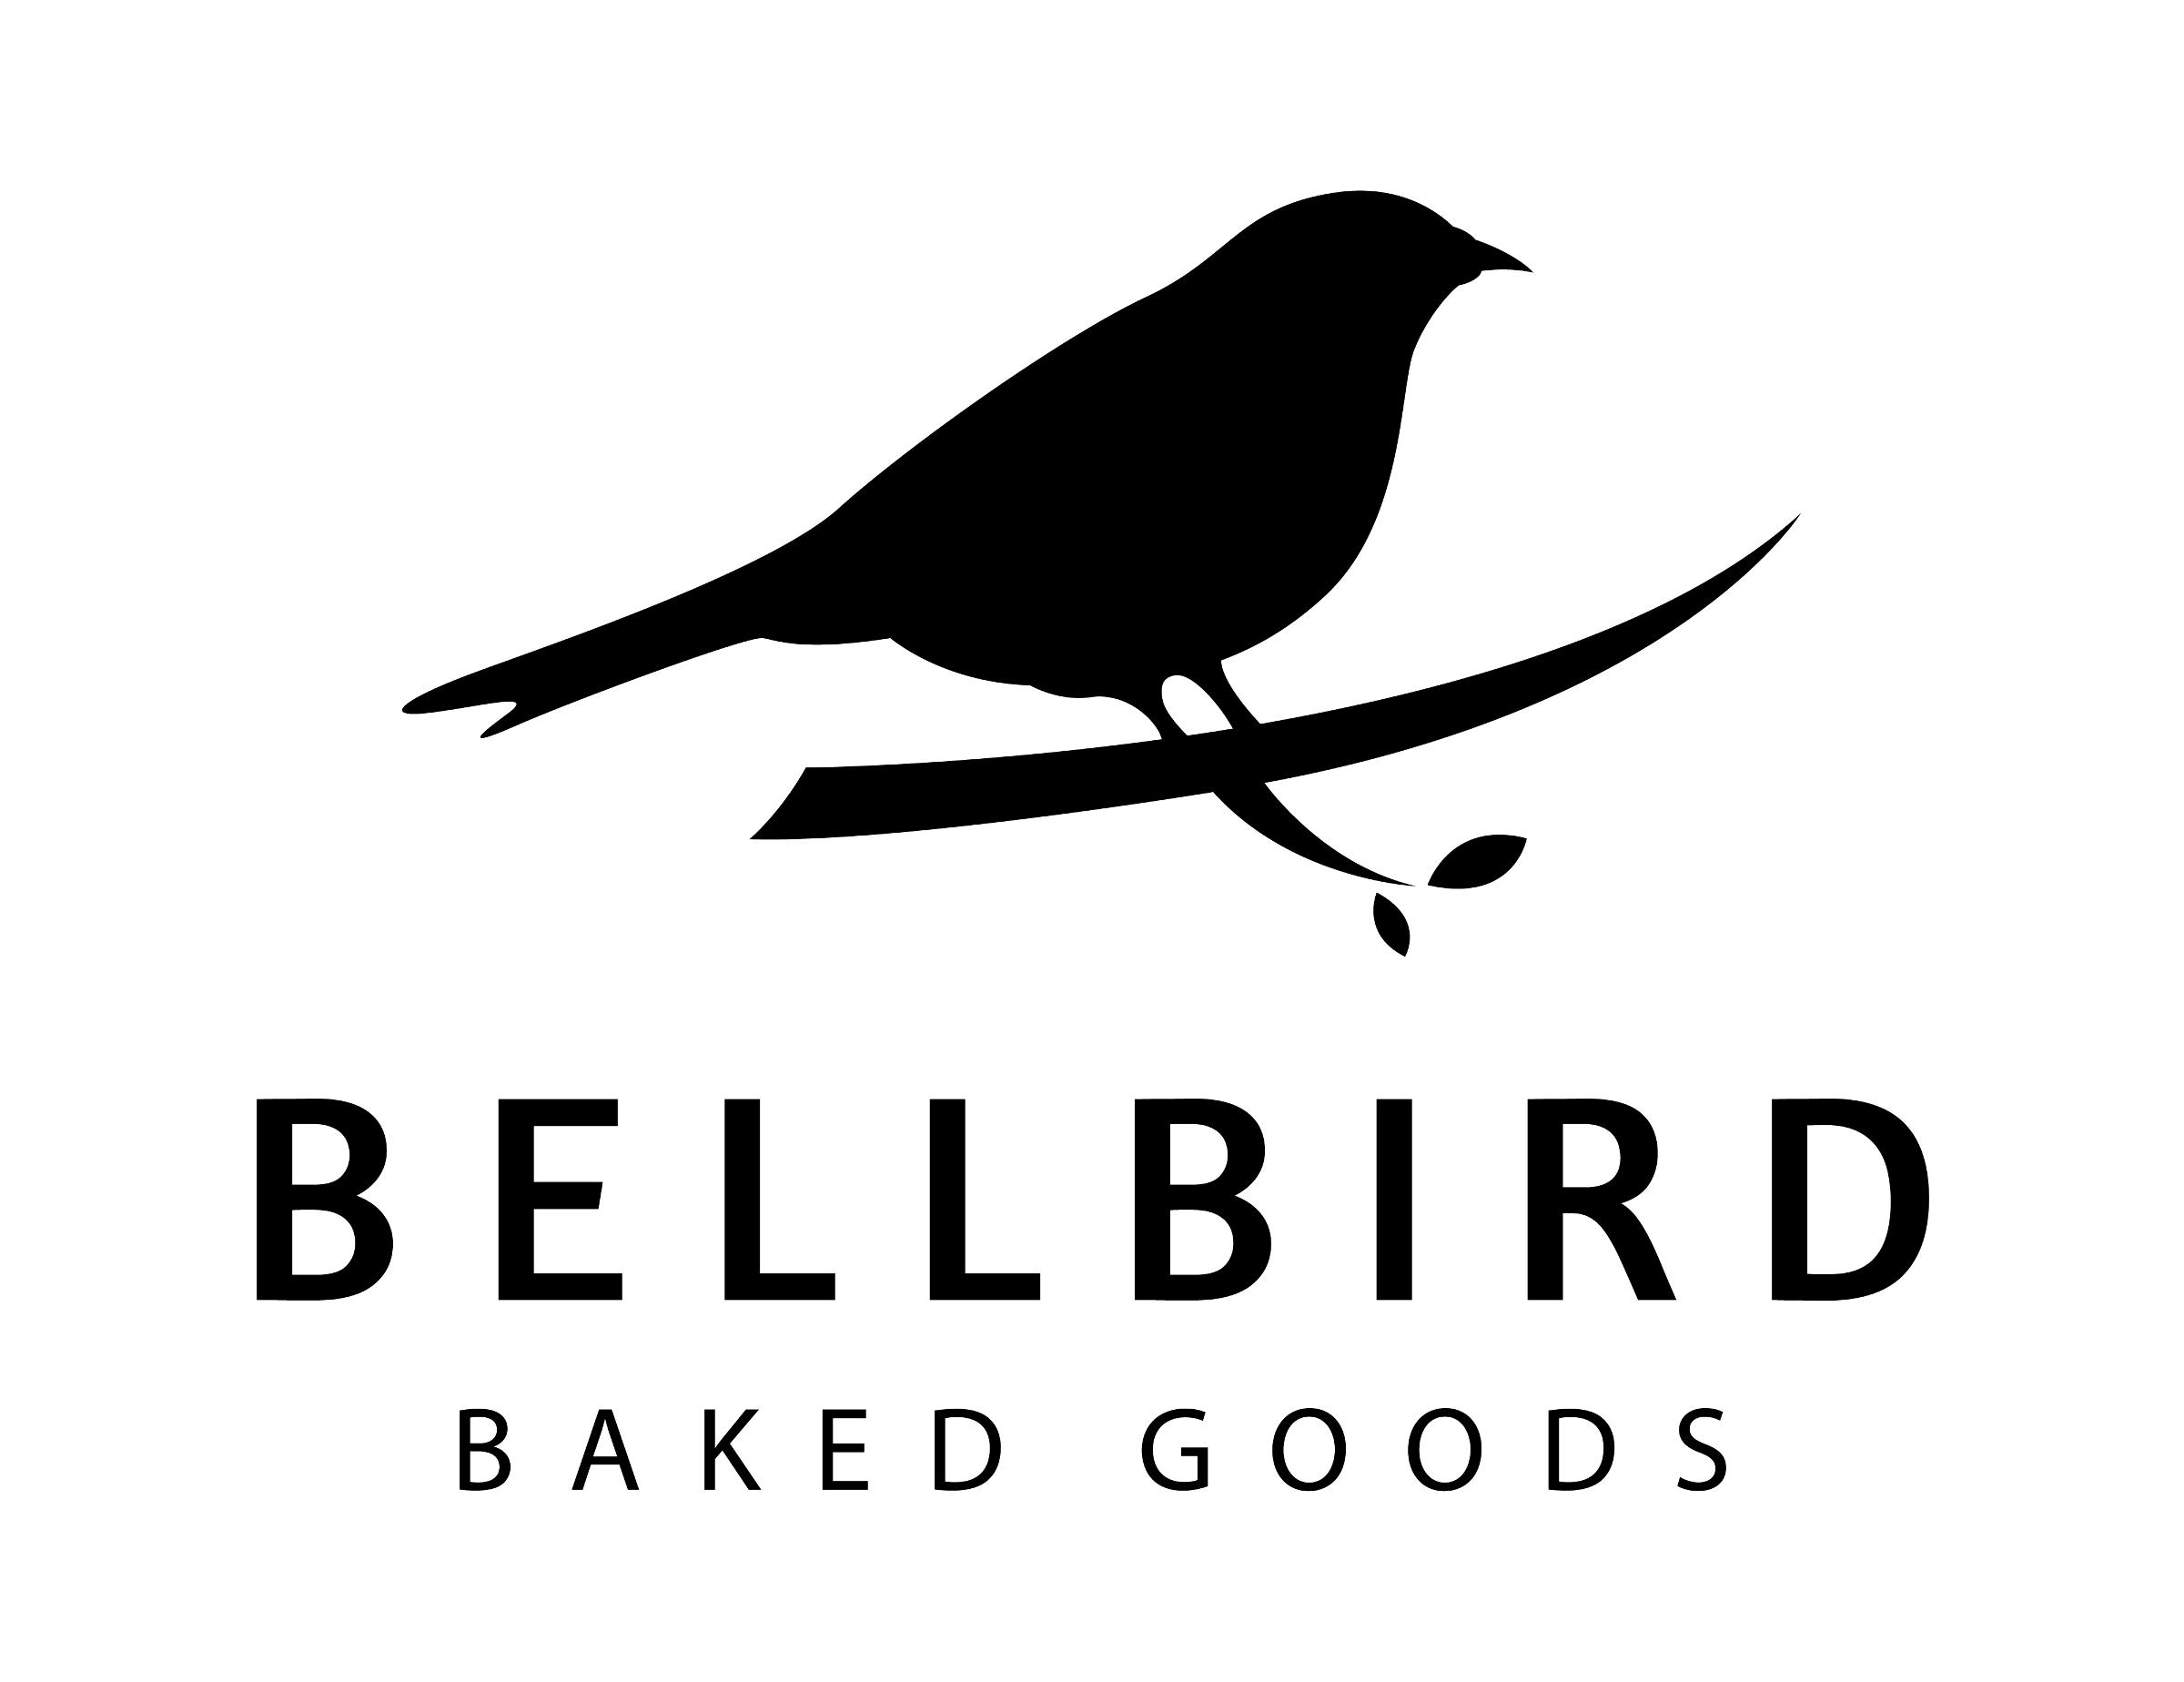 Bellbird Baked Goods